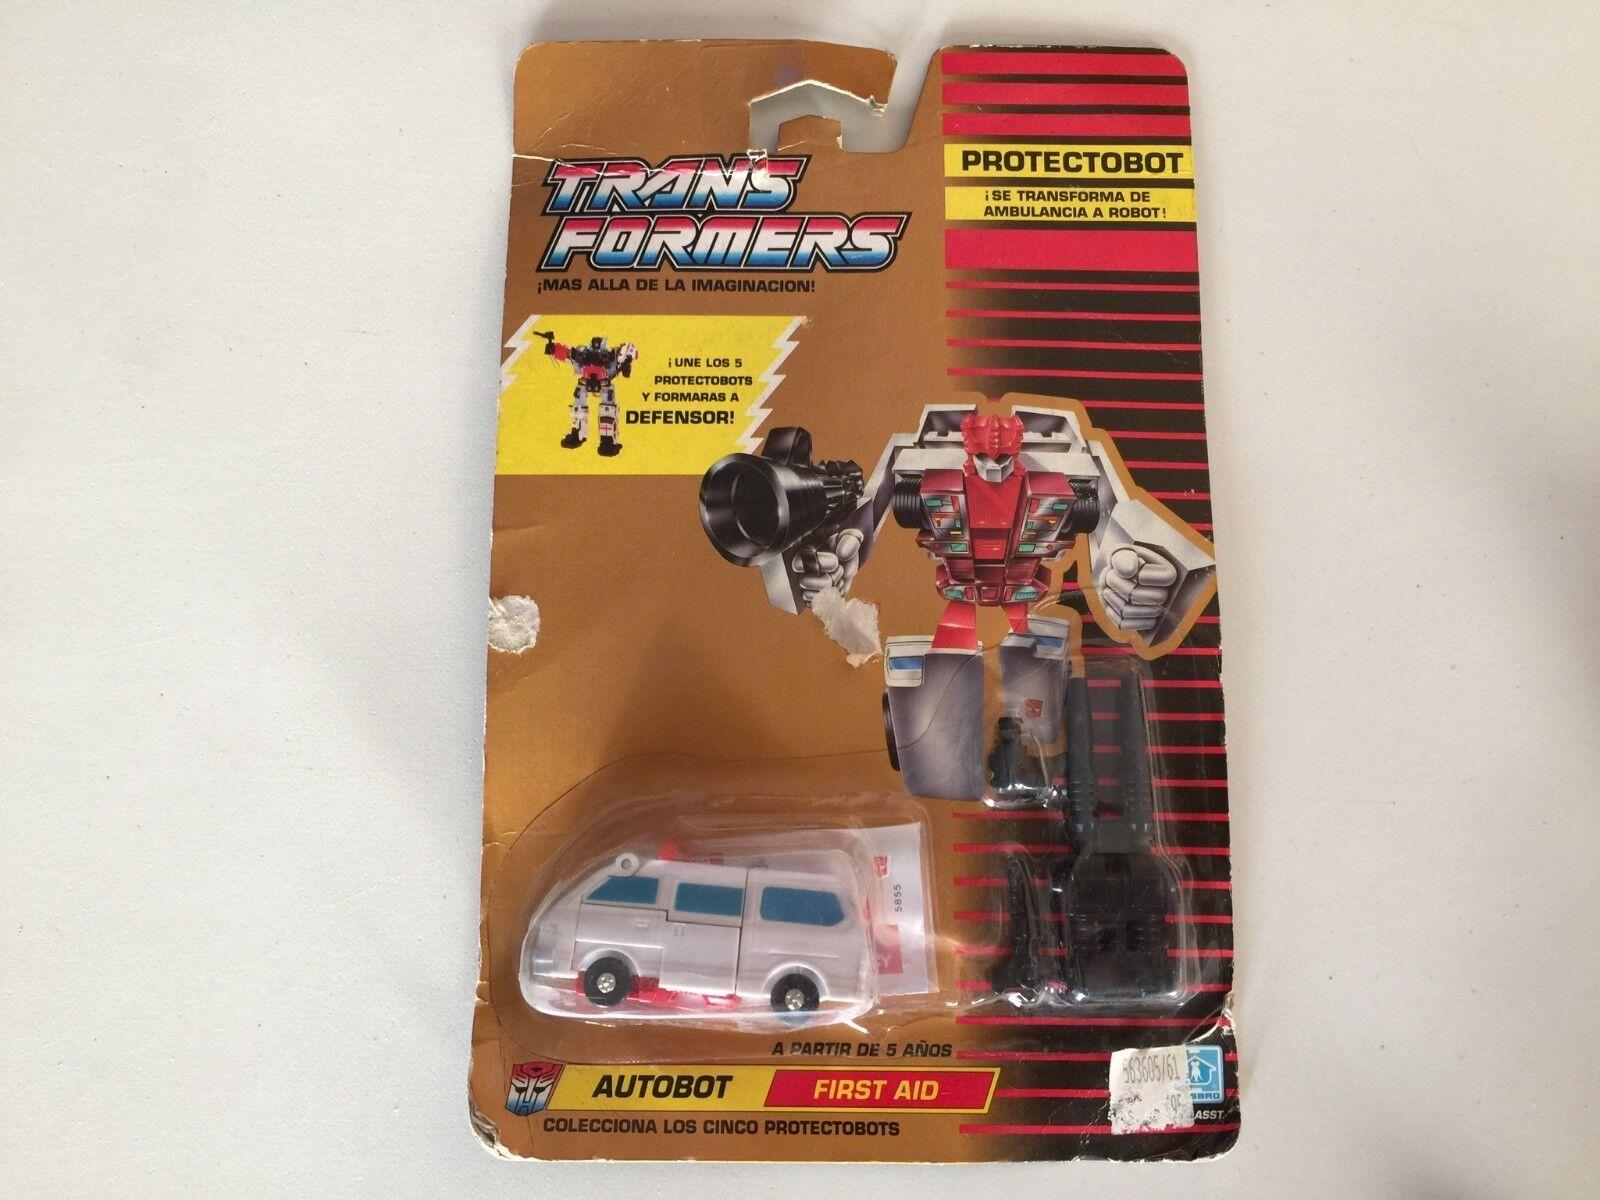 Transformers G1 1990 primeros auxilios en perfecto estado en Cochetón sellado defensor europeo MB spannish